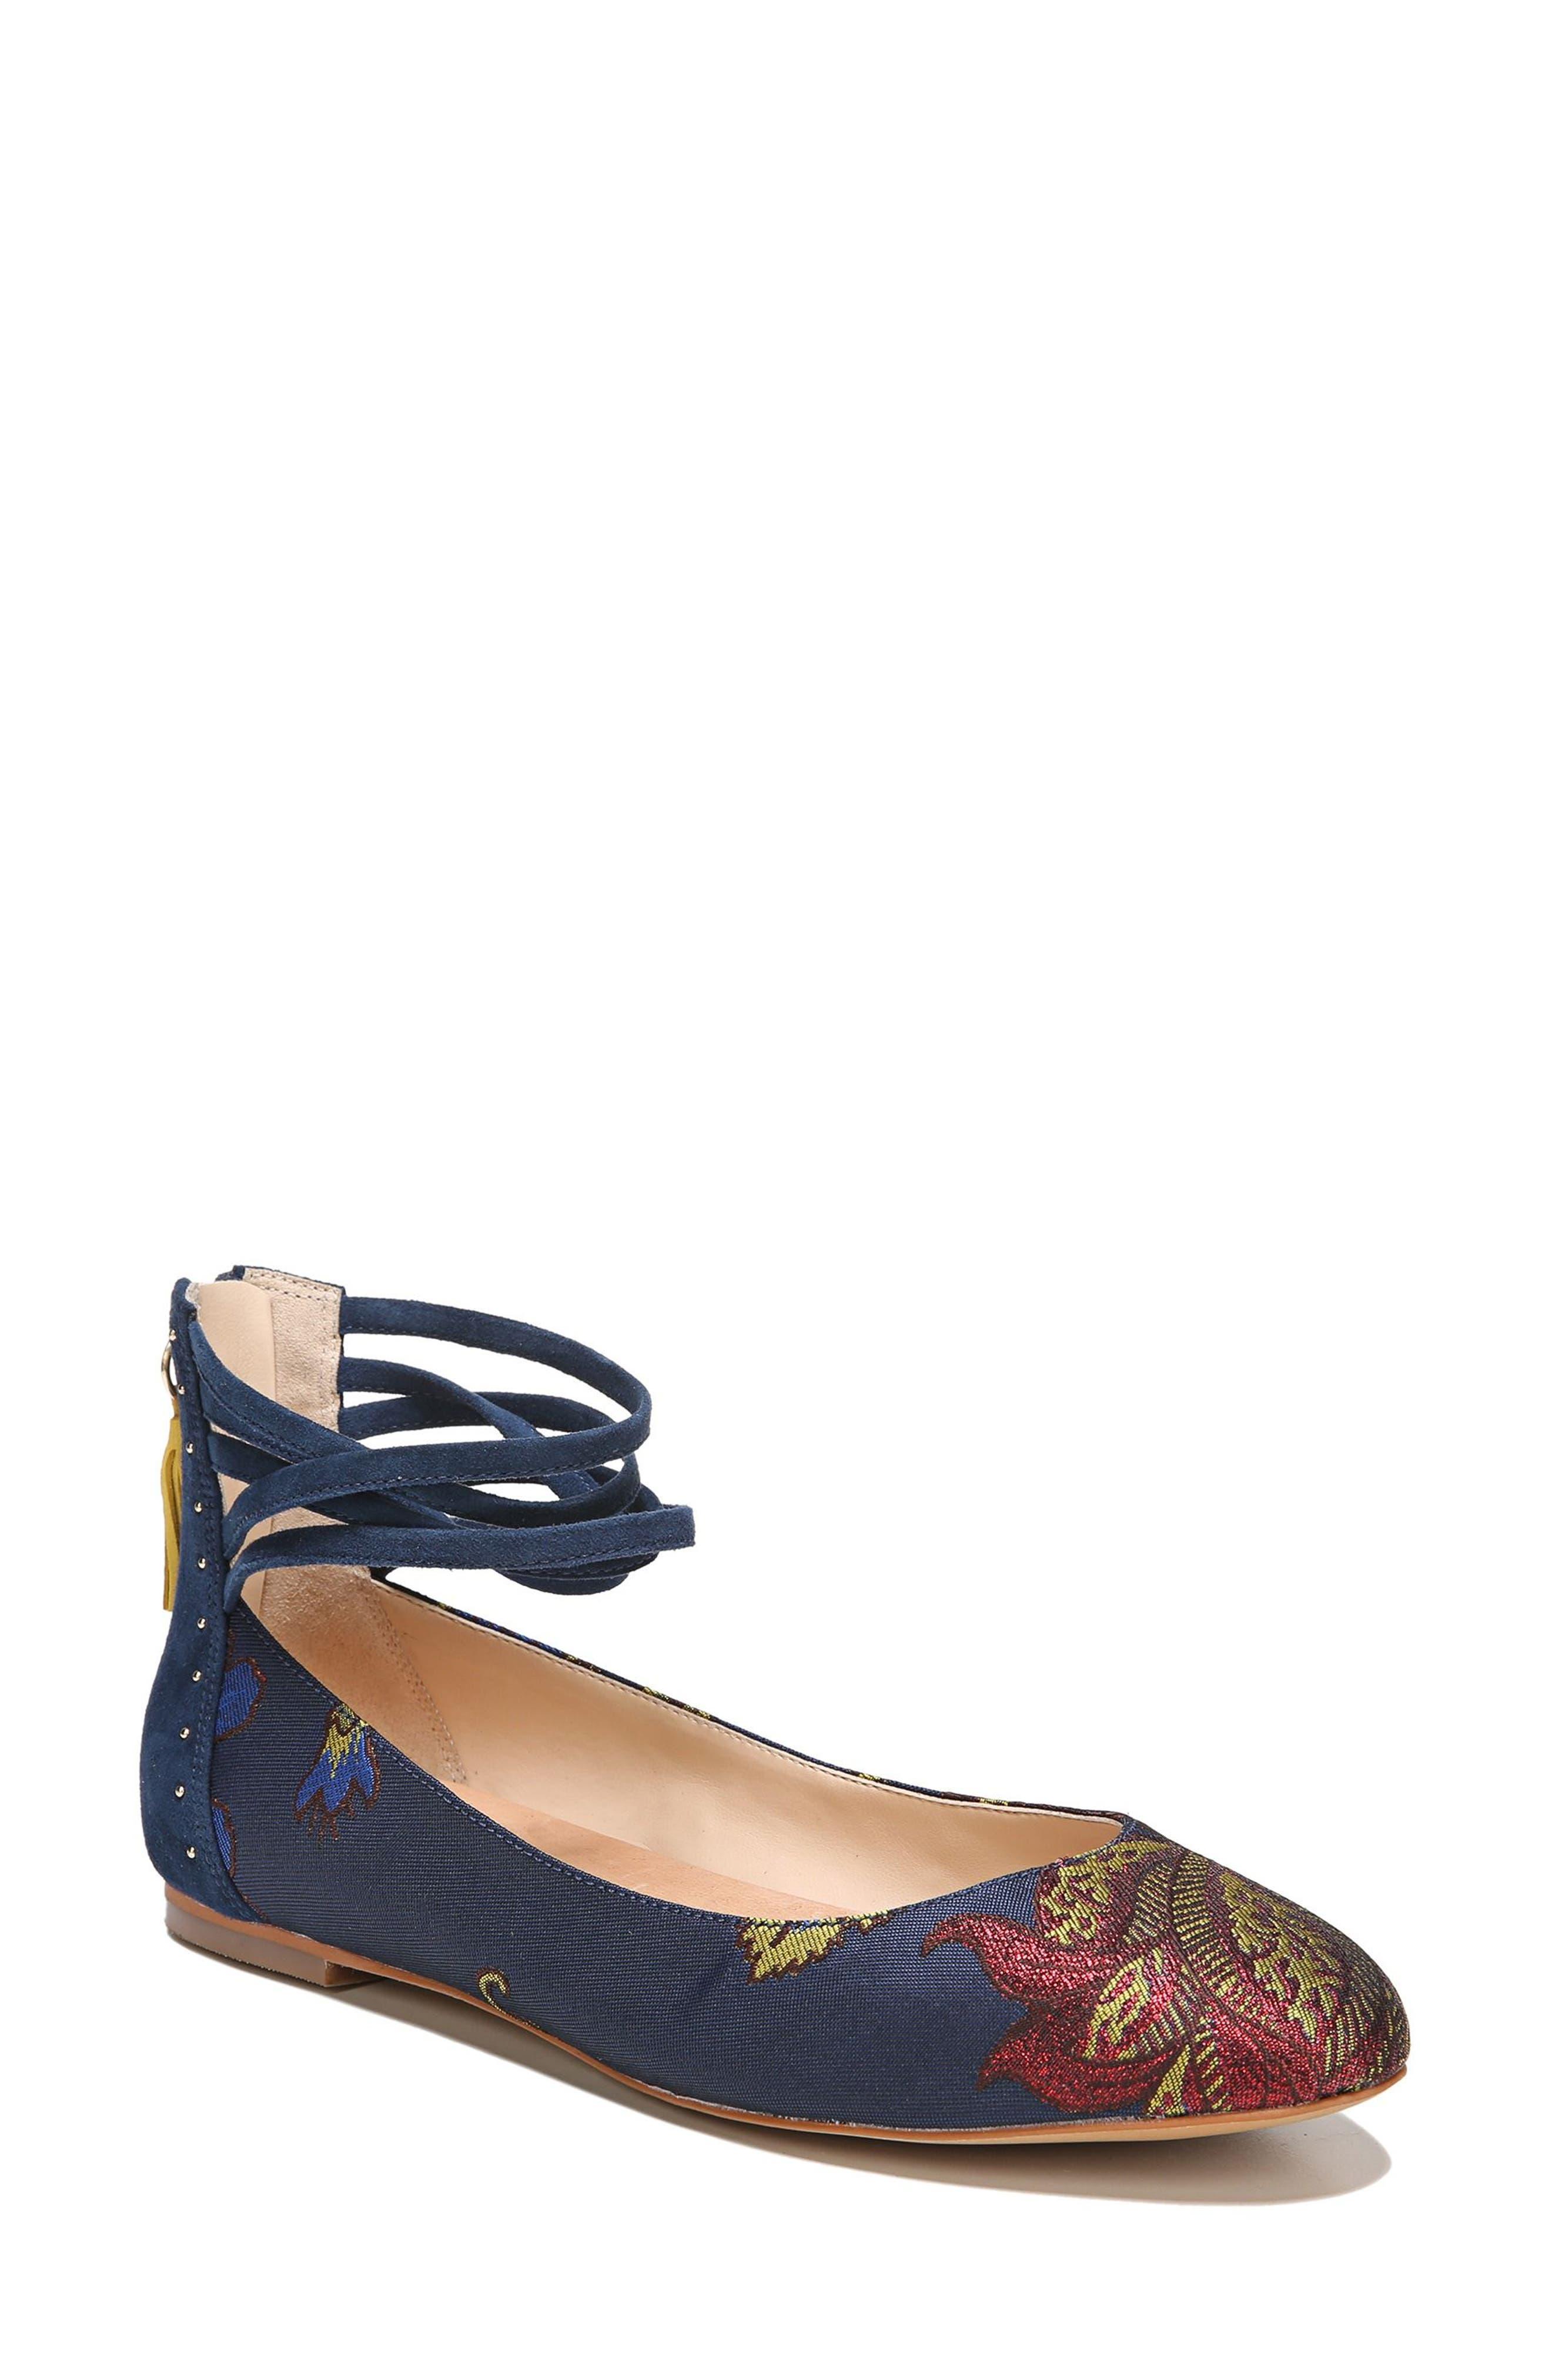 Dr. Scholl's Vonne Ankle Wrap Flat (Women)